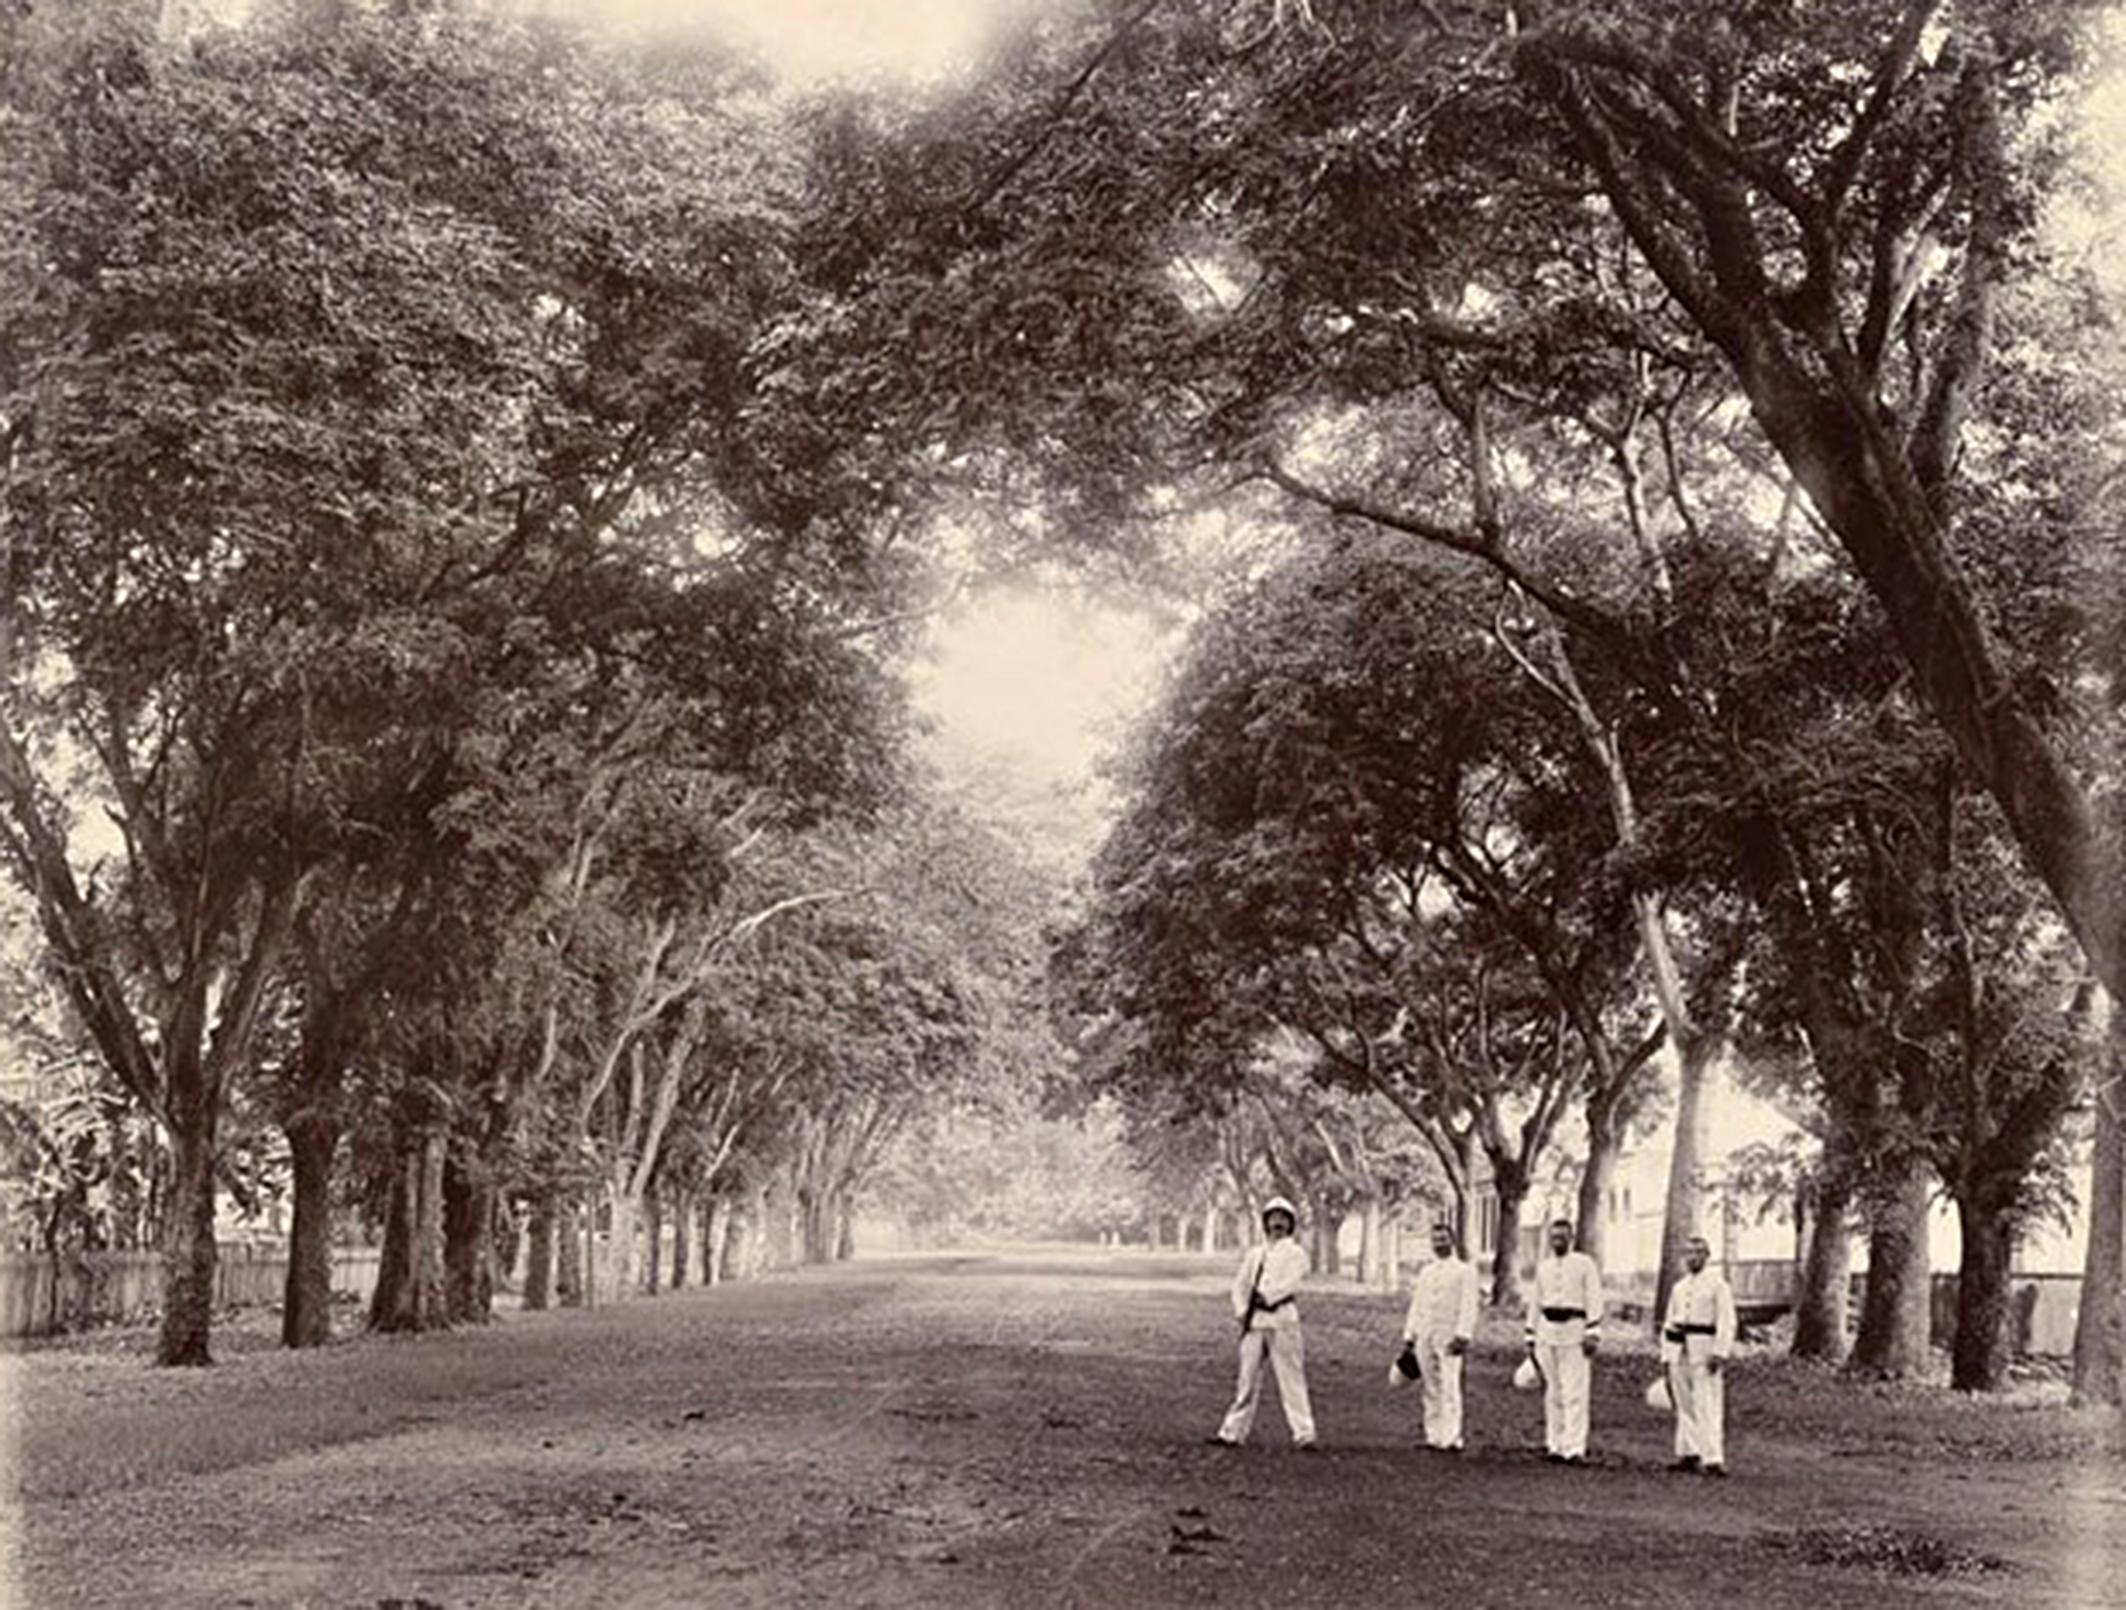 L'avenue Bruat conduisant à Sainte Amélie en 1900